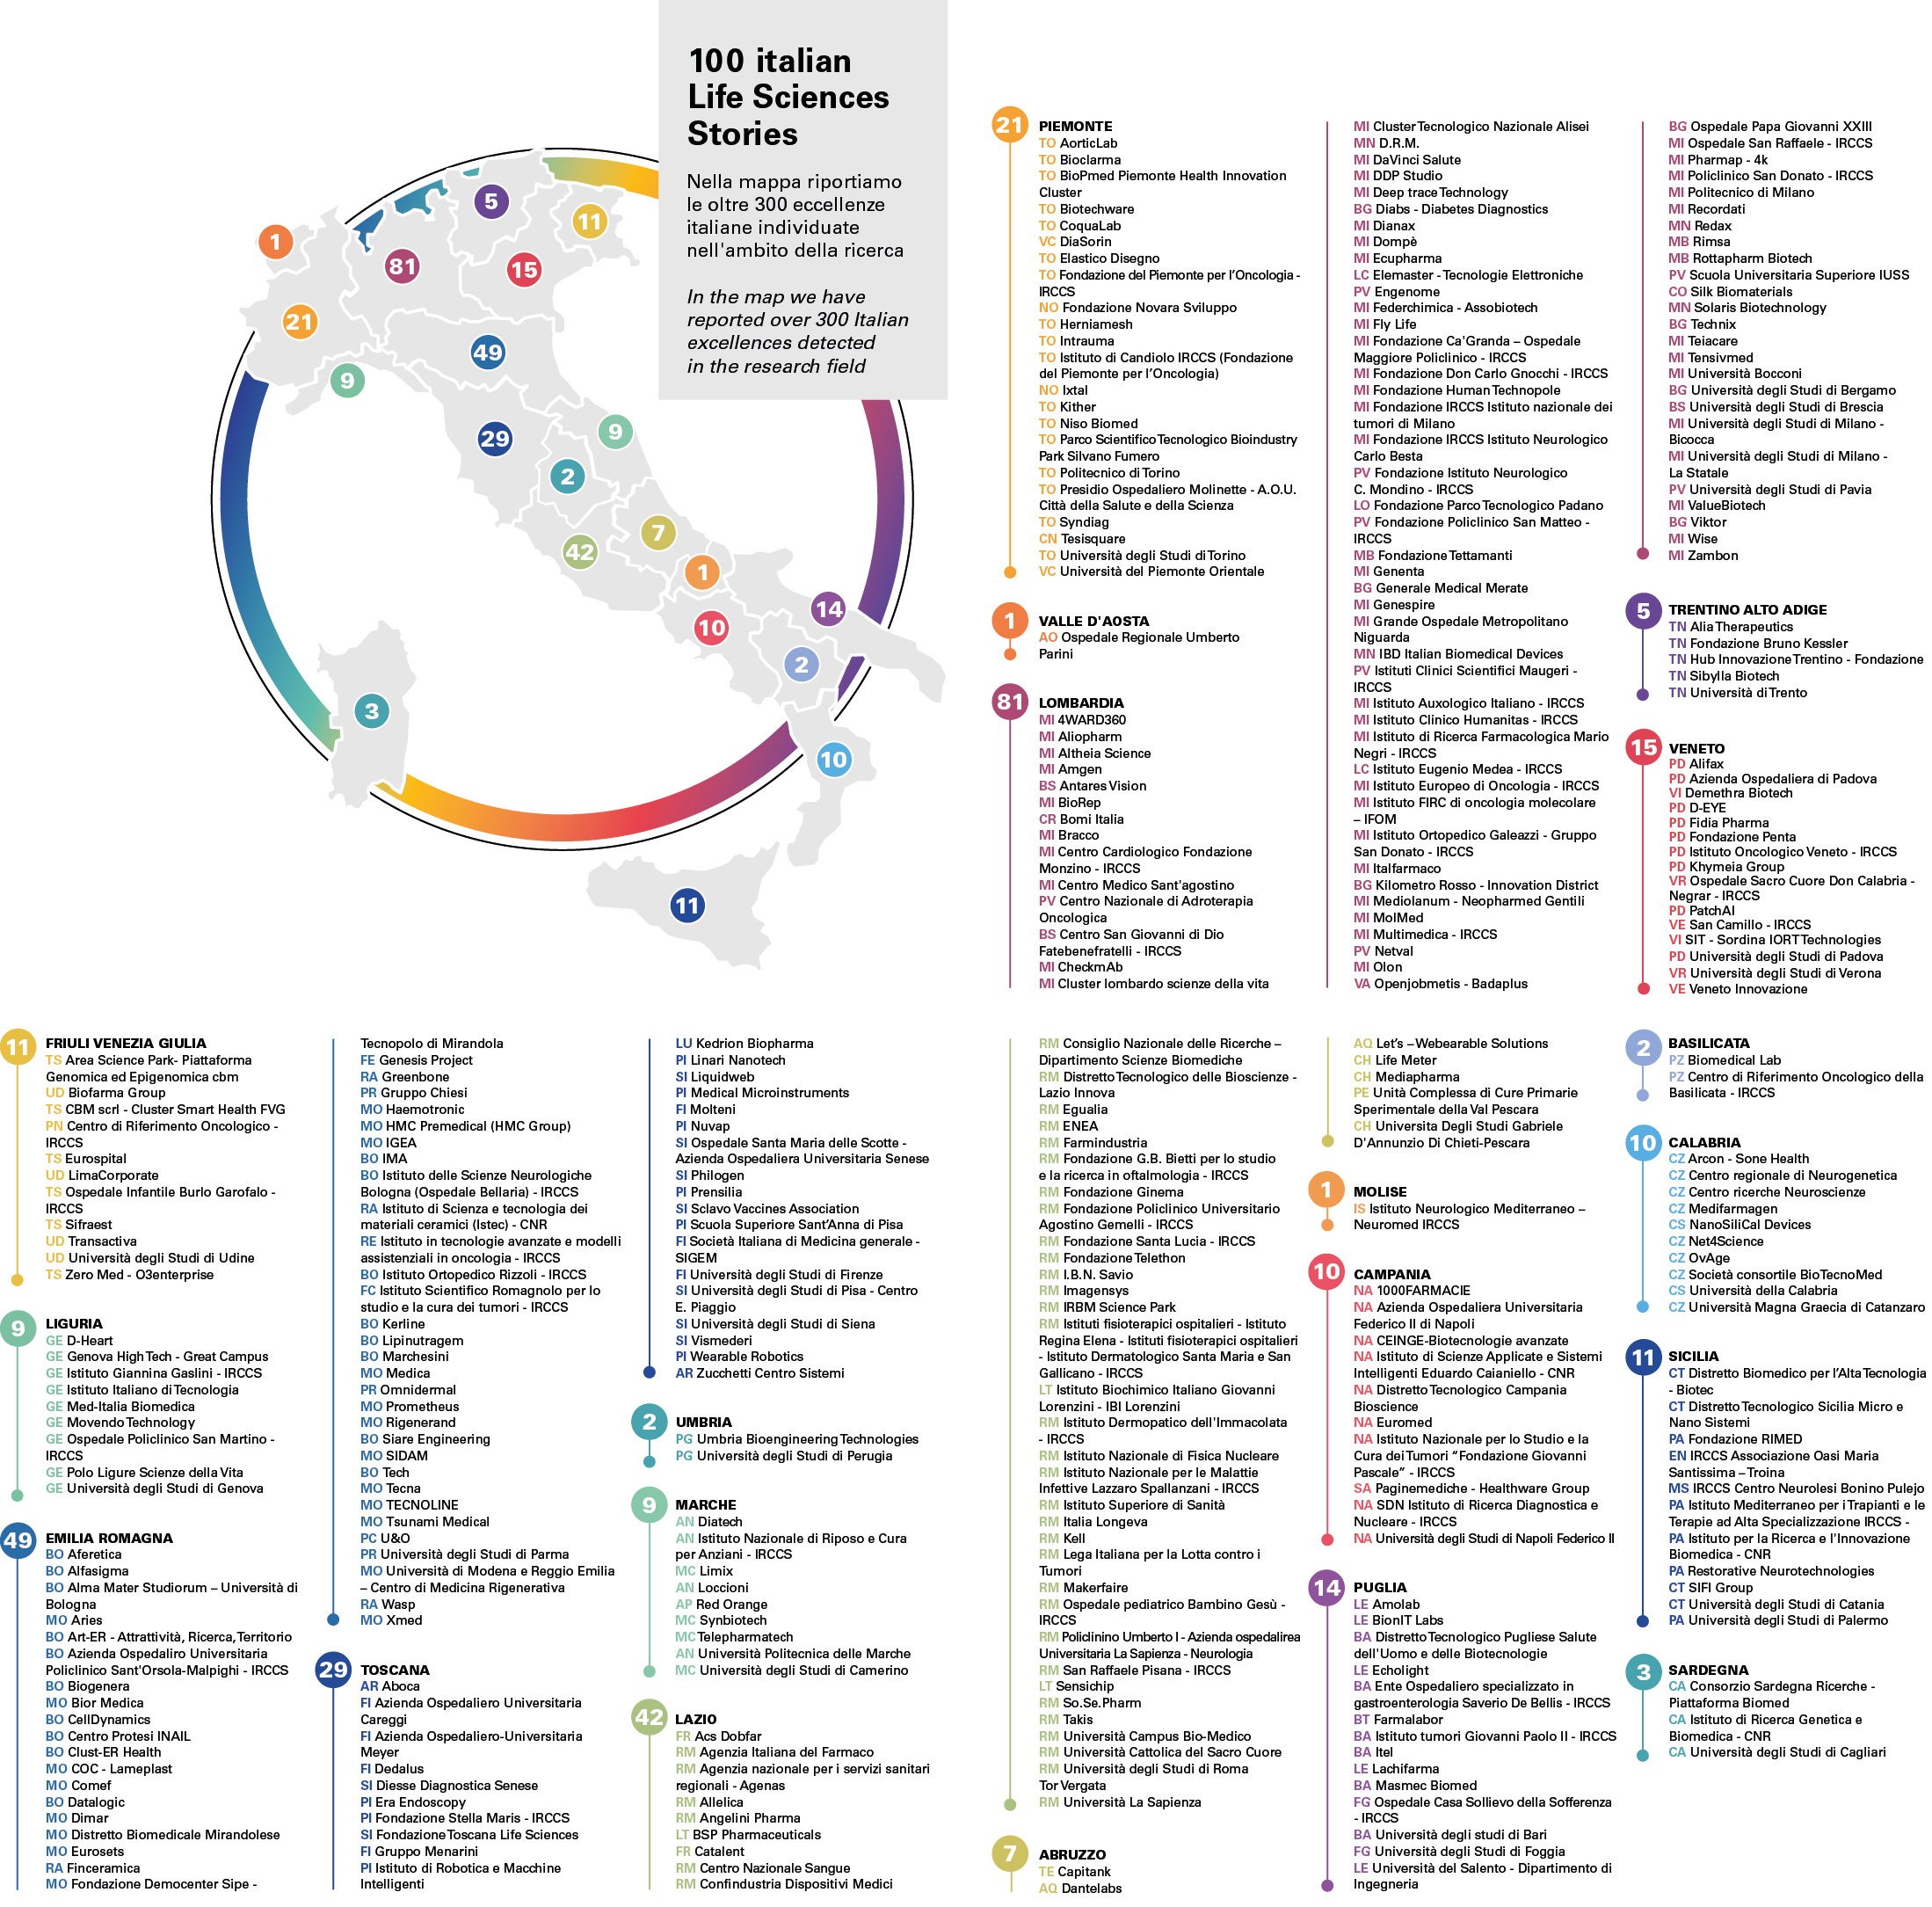 100 ITALIAN LIFE SCIENCES STORIES: la mappa delle storie della ricerca sulla Life Science